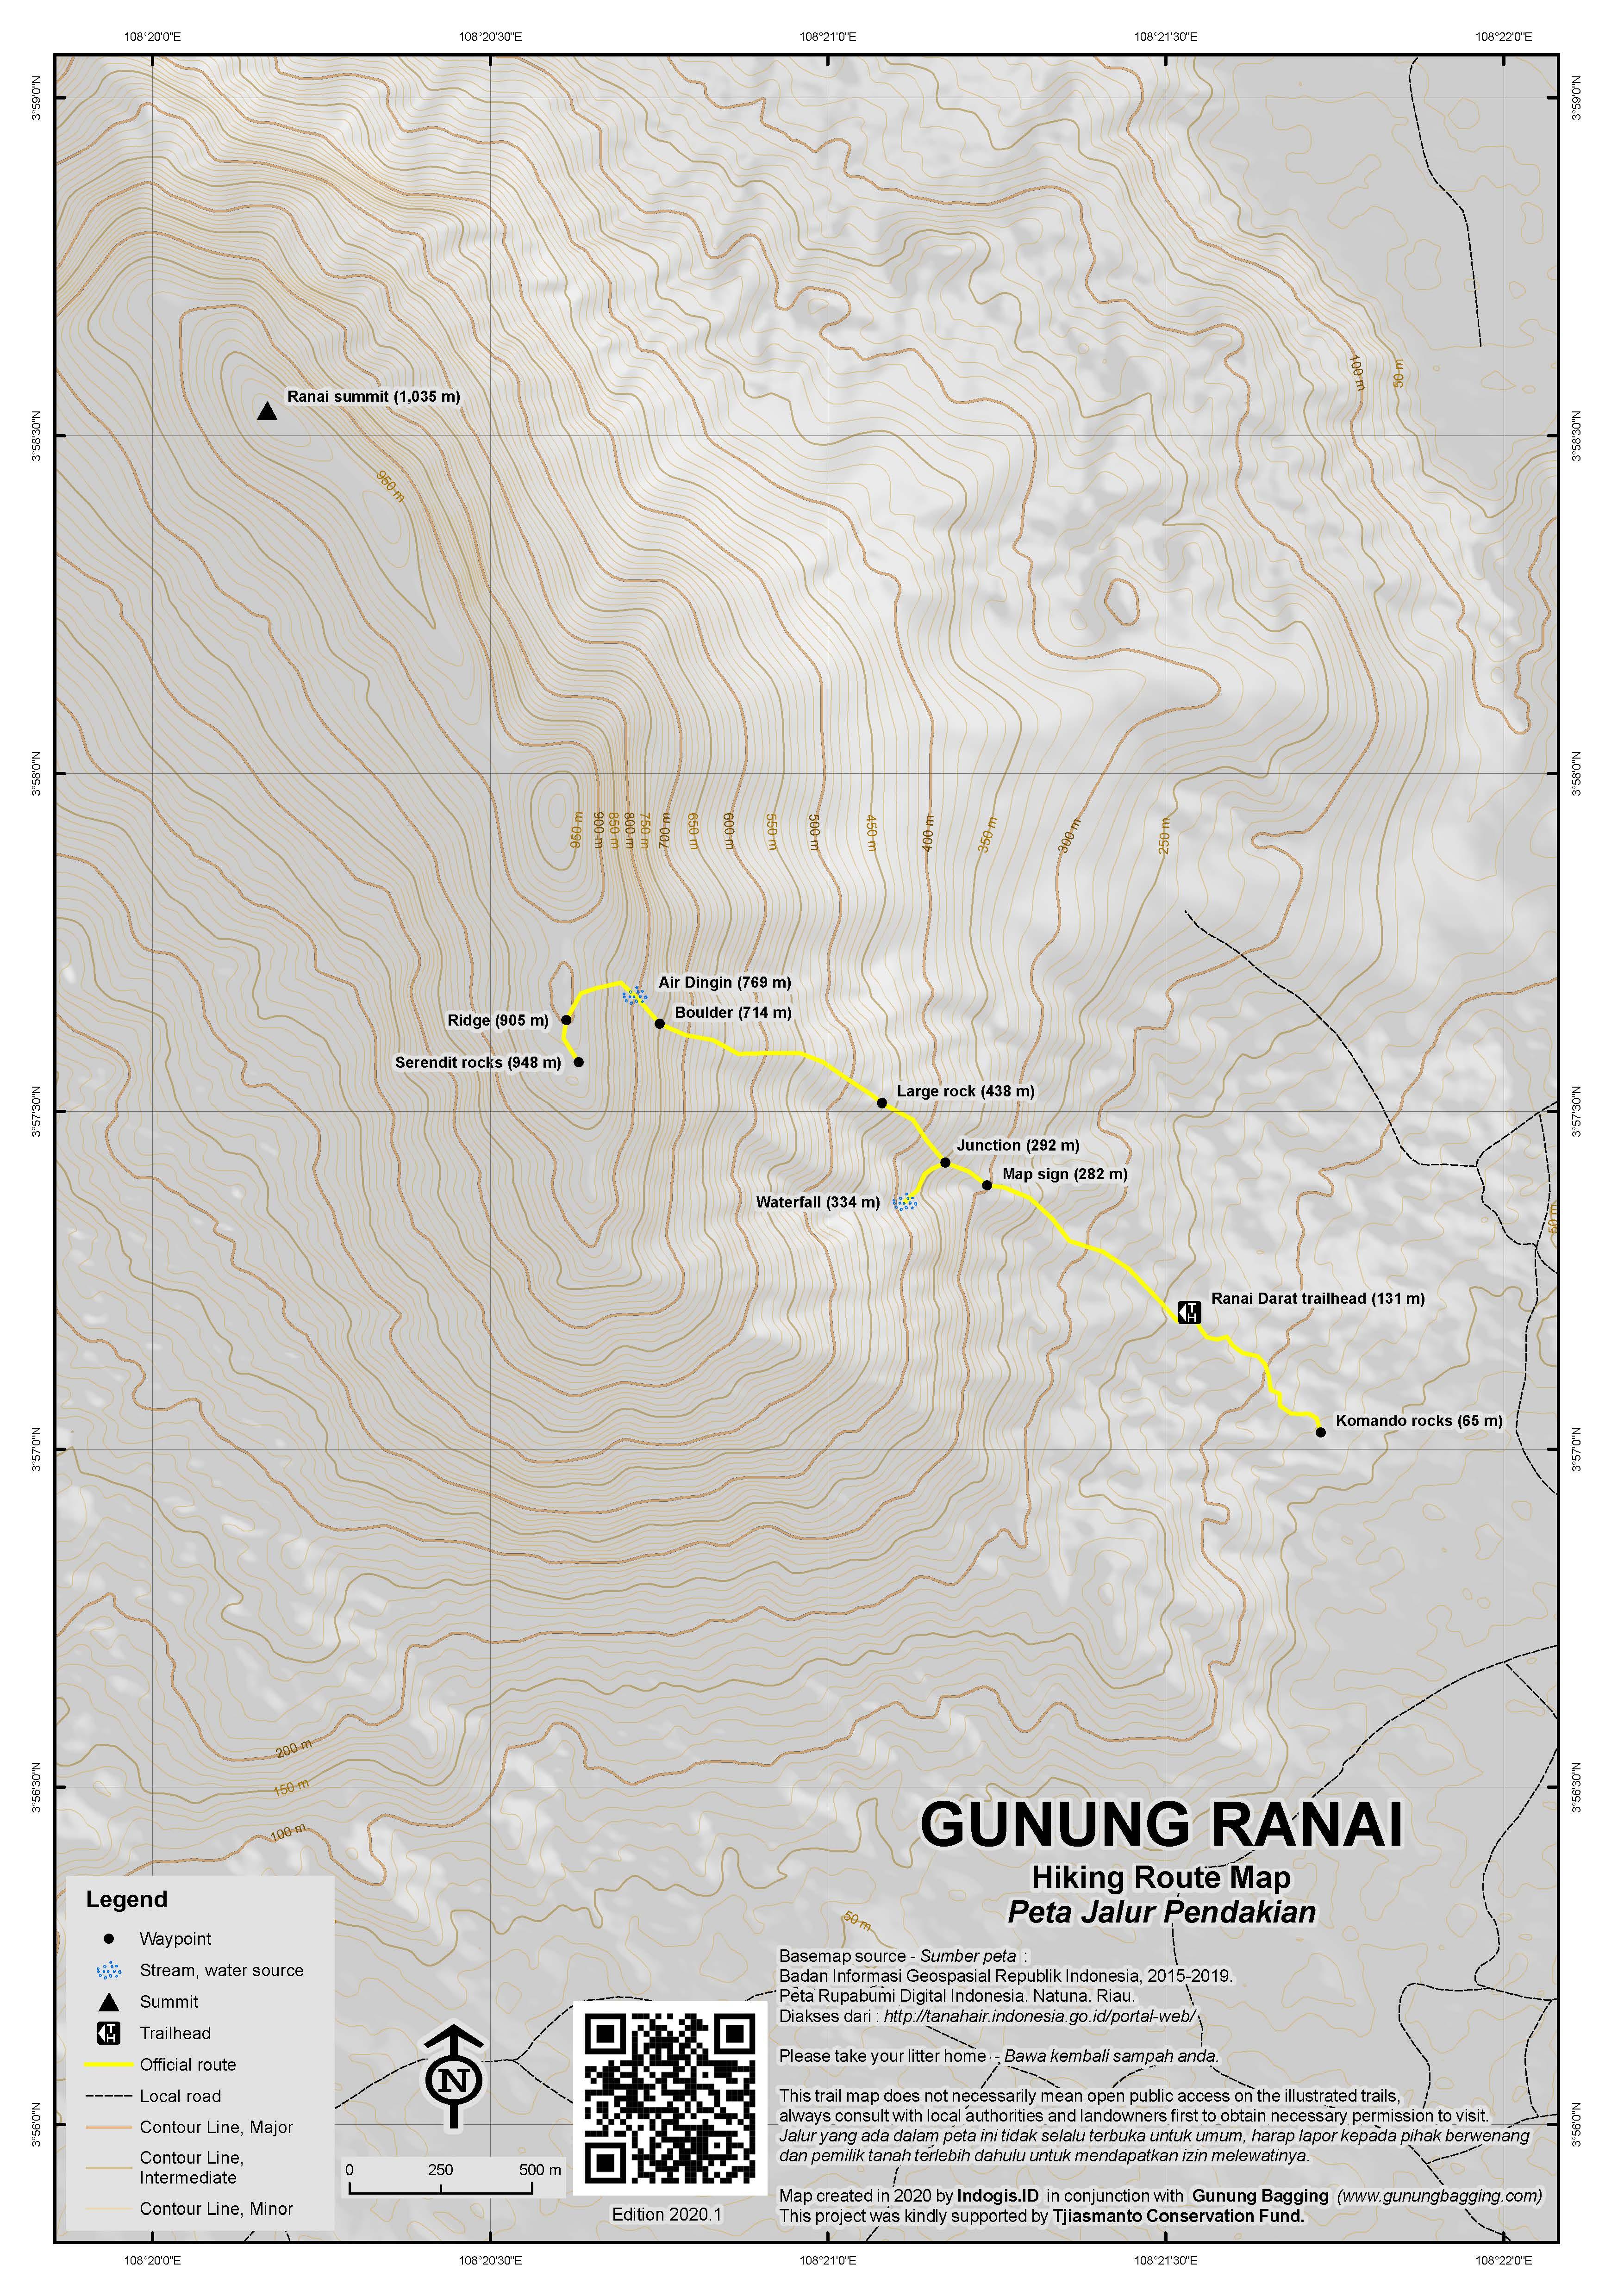 Peta Jalur Pendakian Gunung Ranai